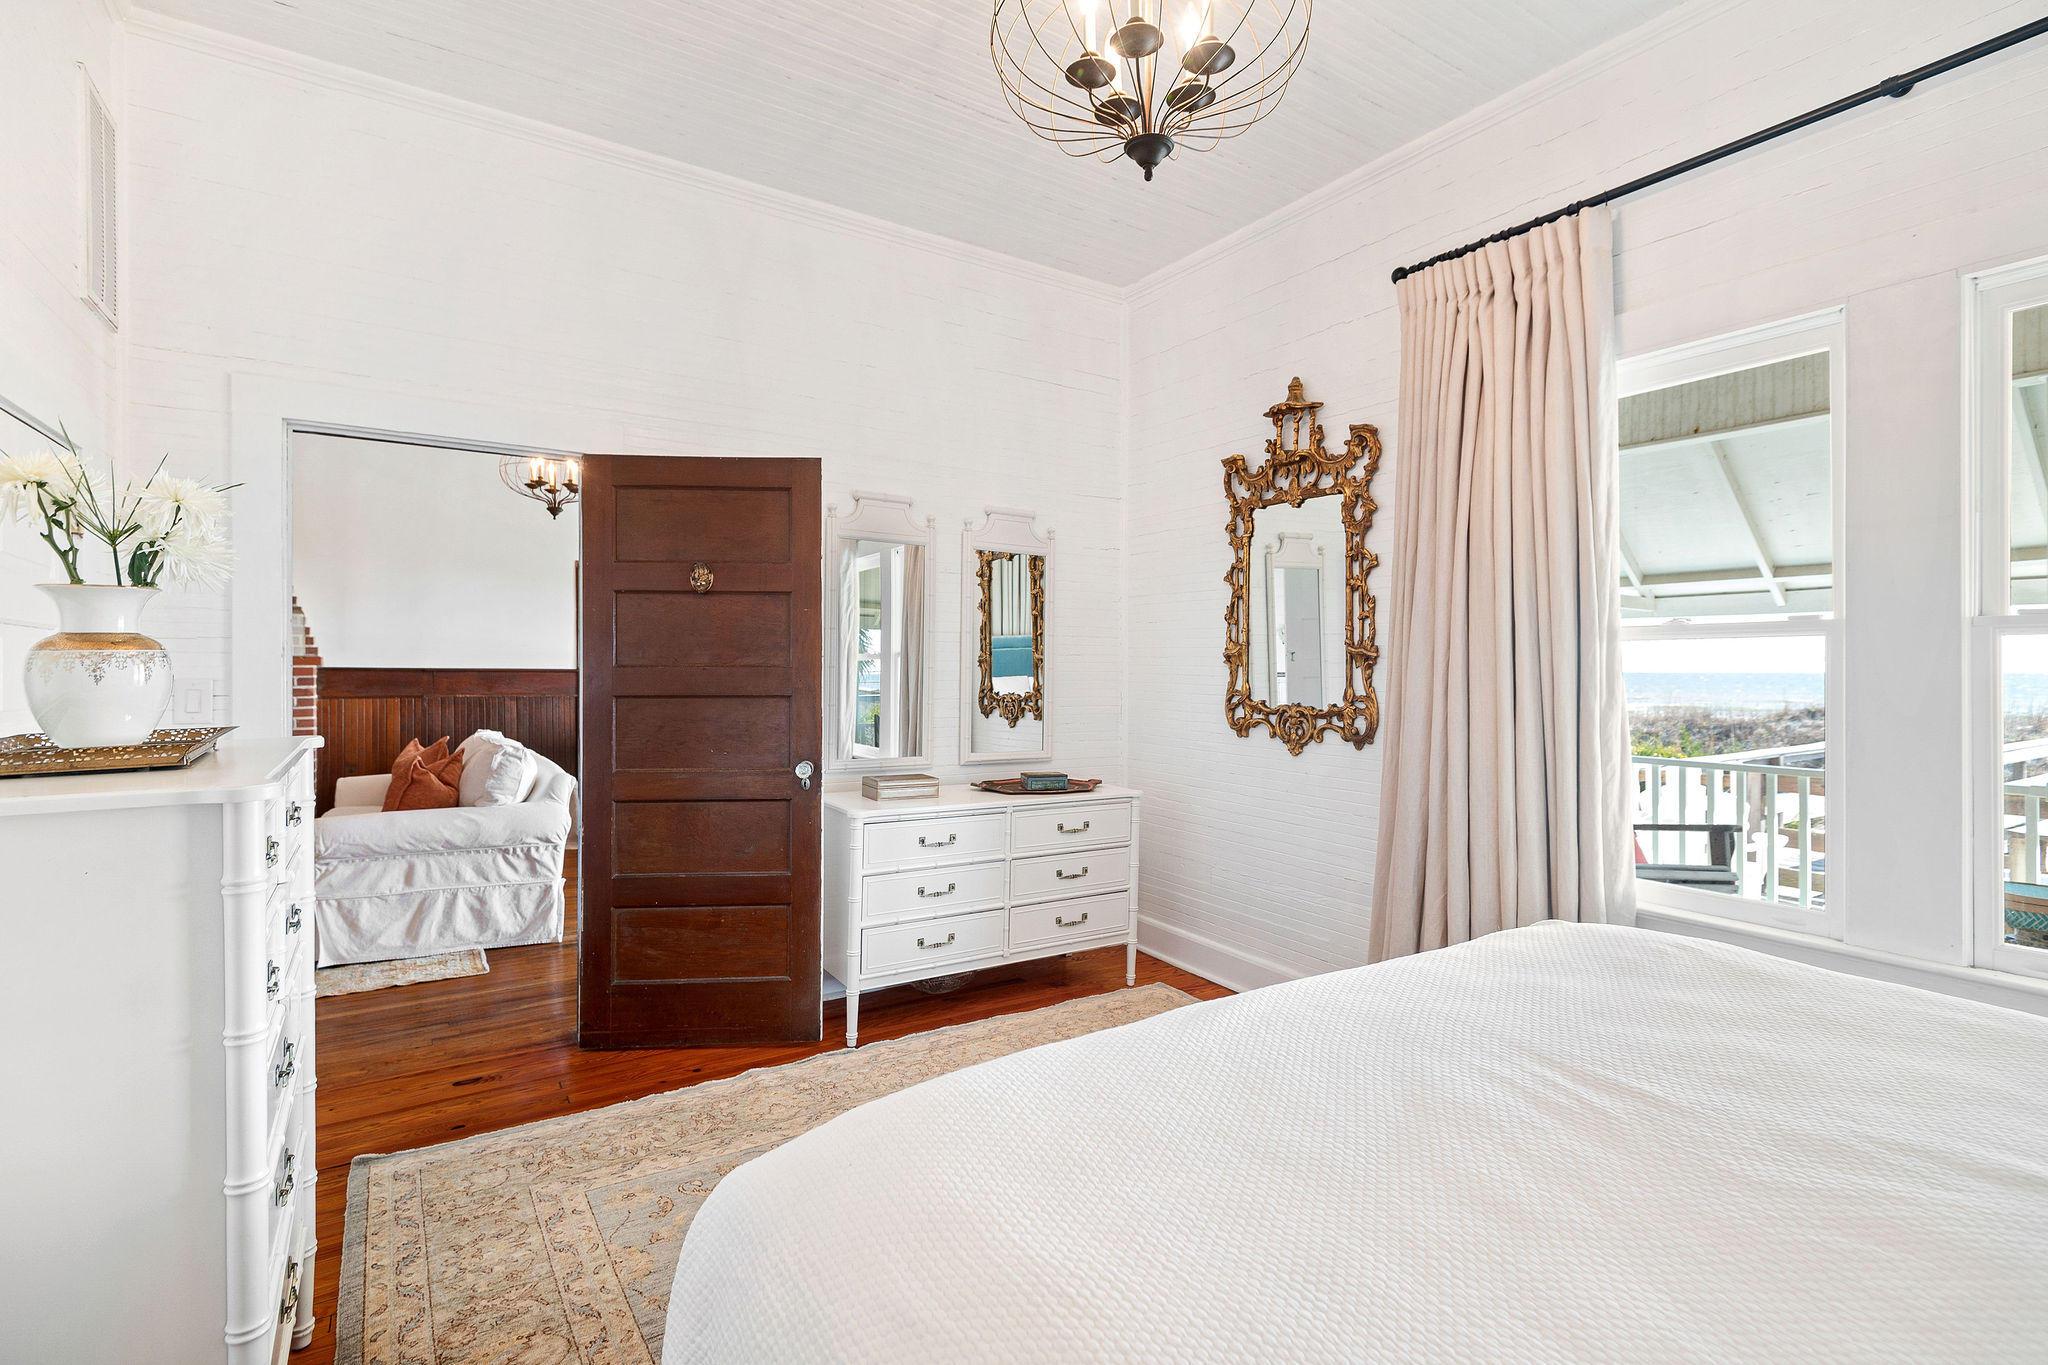 Folly Beach Homes For Sale - 509 Ashley, Folly Beach, SC - 79